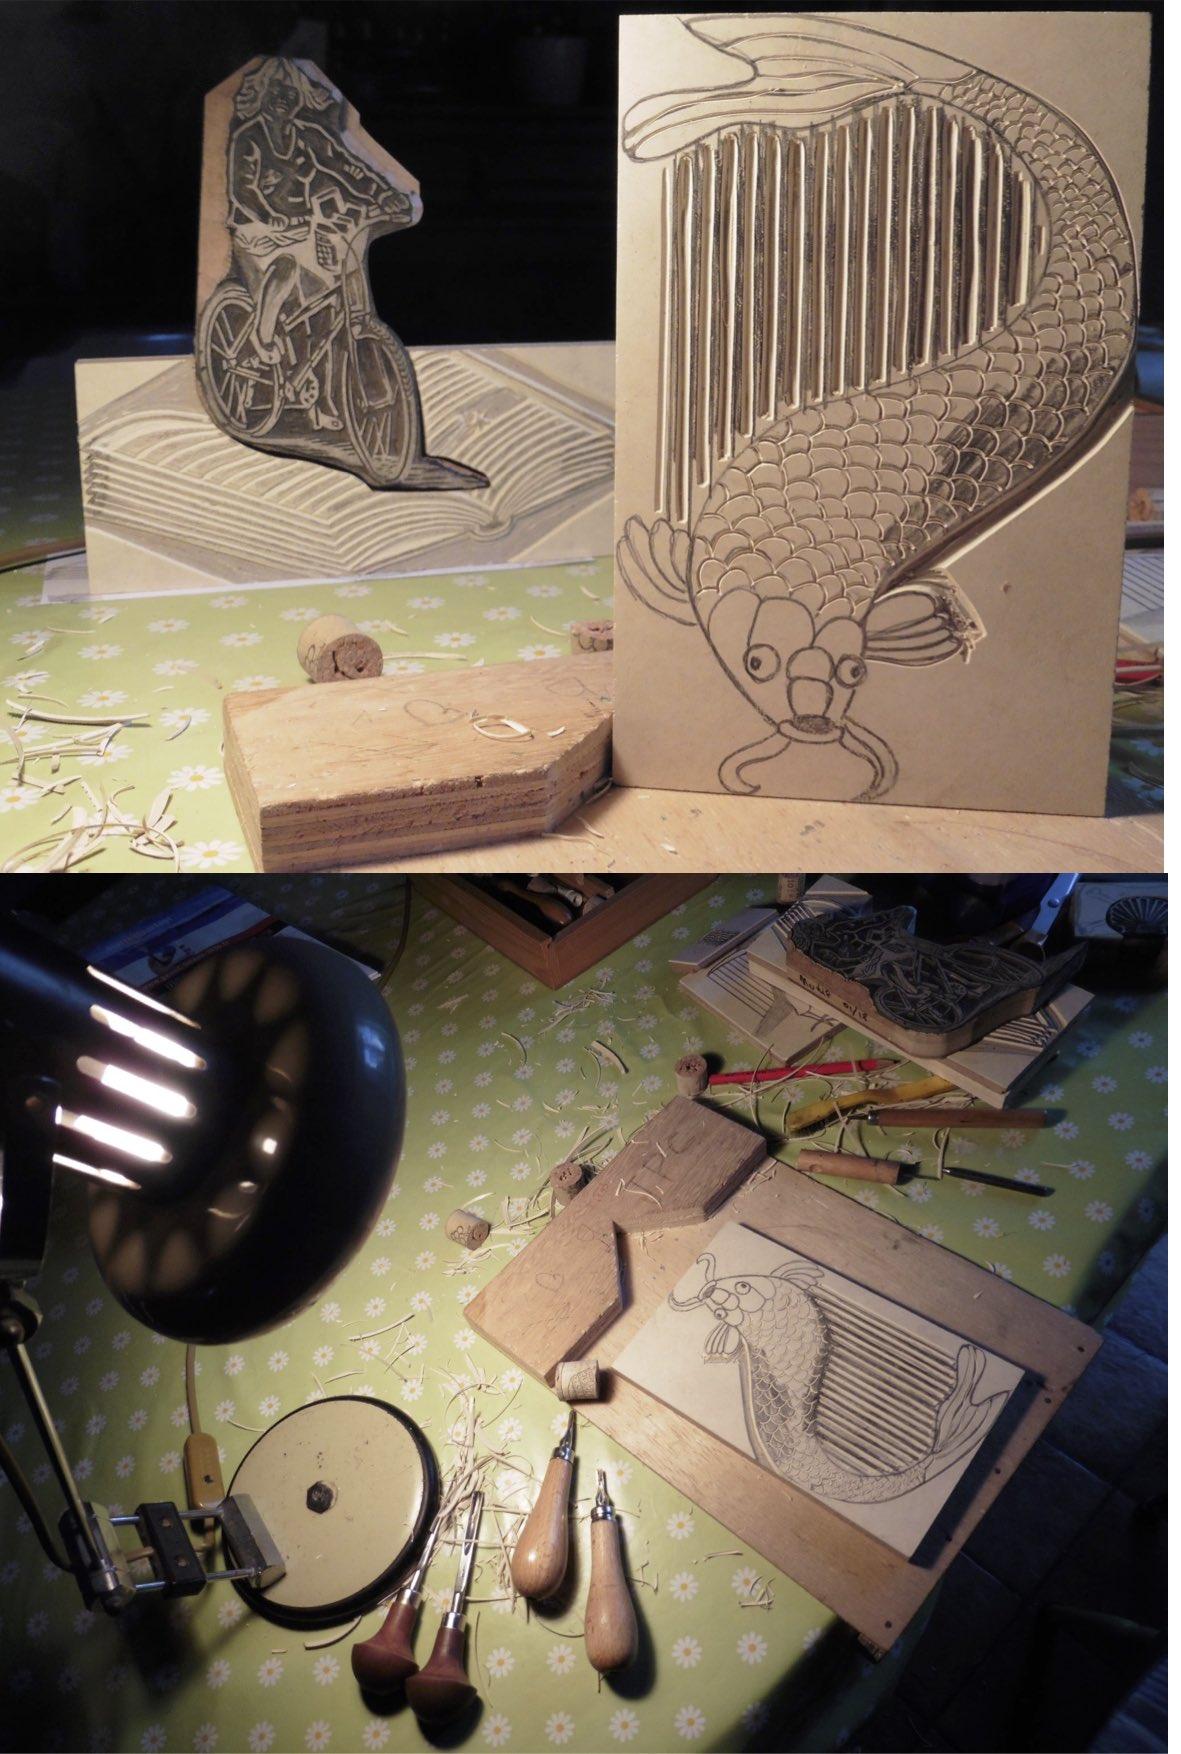 gravure de la carpe et du livre.jpg